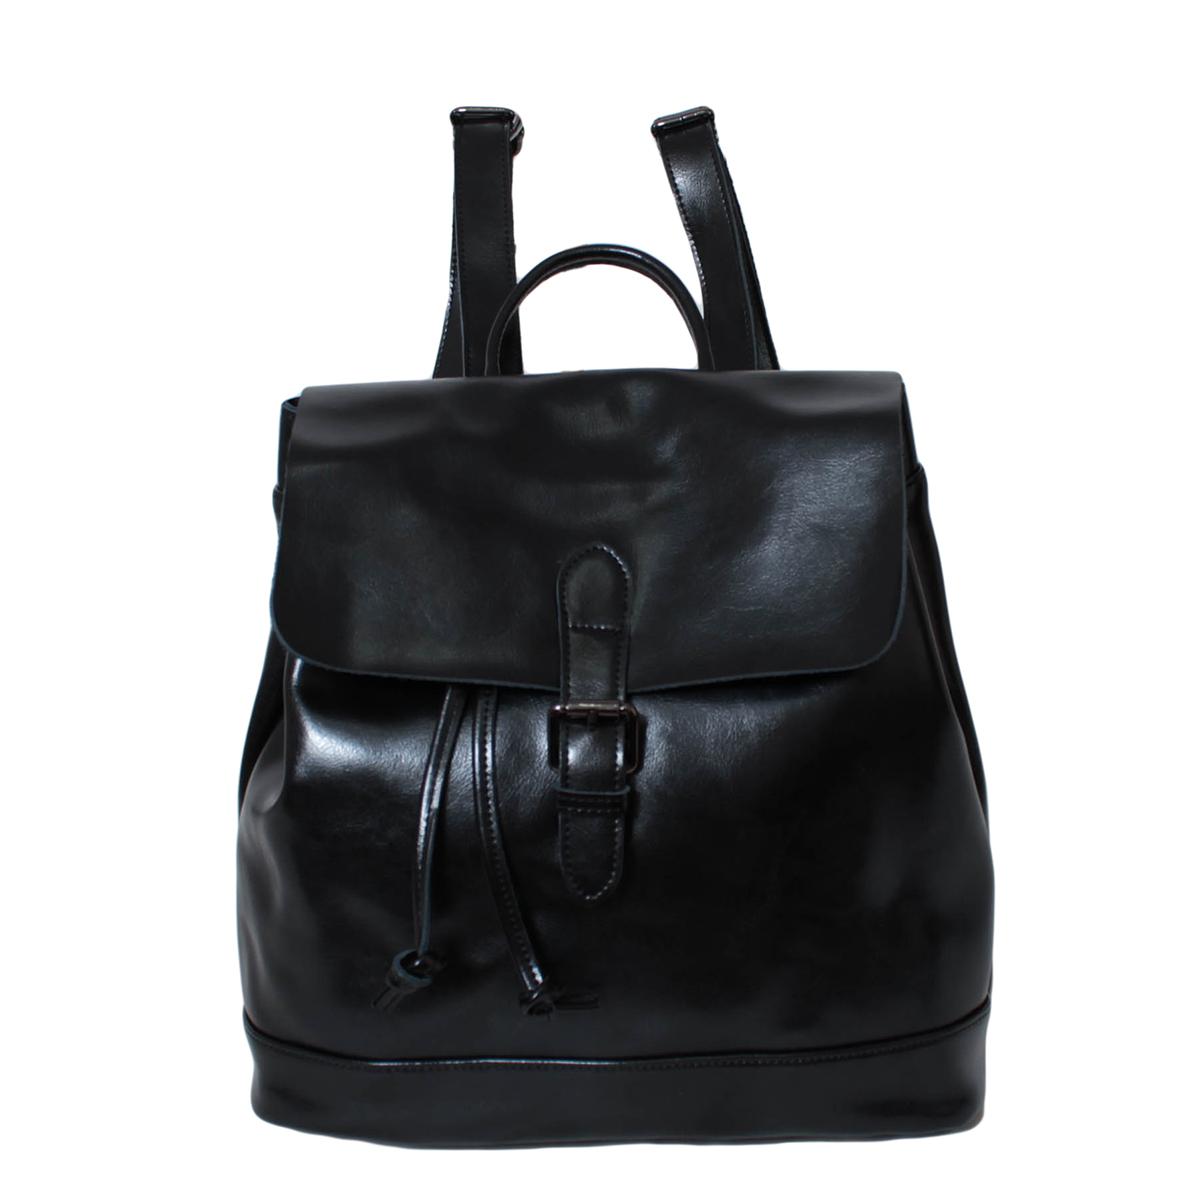 Рюкзак городской женский Flioraj, цвет: черный. 0005298200052982Закрывается на клапан. Внутри одно отделение, один карман на молнии и два для мобильного телефона, на задней стенке карман на молнии.. Высота ручки 6 см.